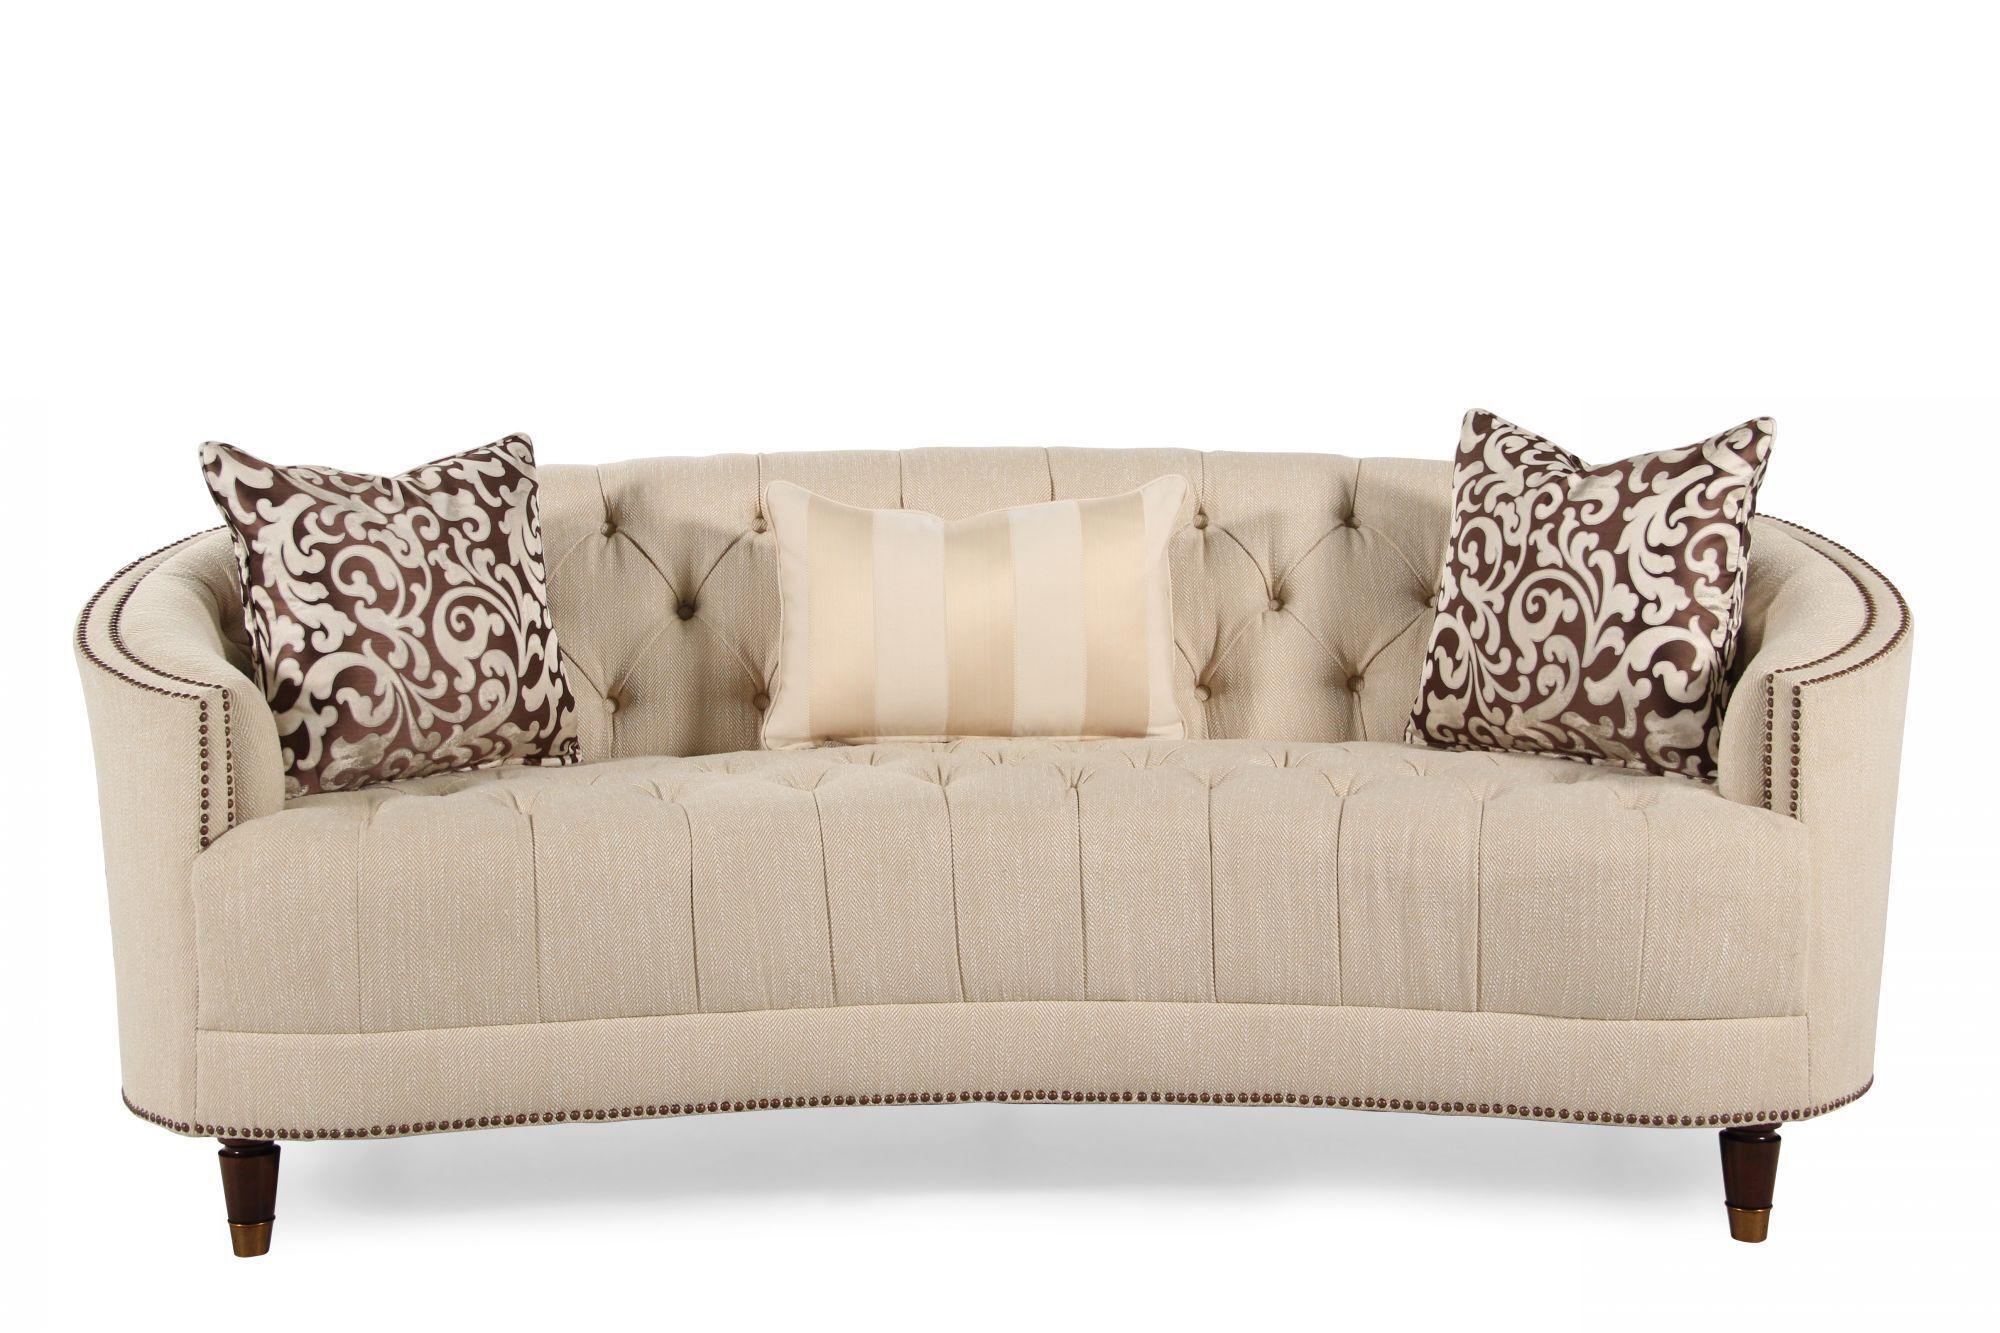 Images Button Tufted Demilune Sofa In Cream Button Tufted Demilune Sofa In  Cream